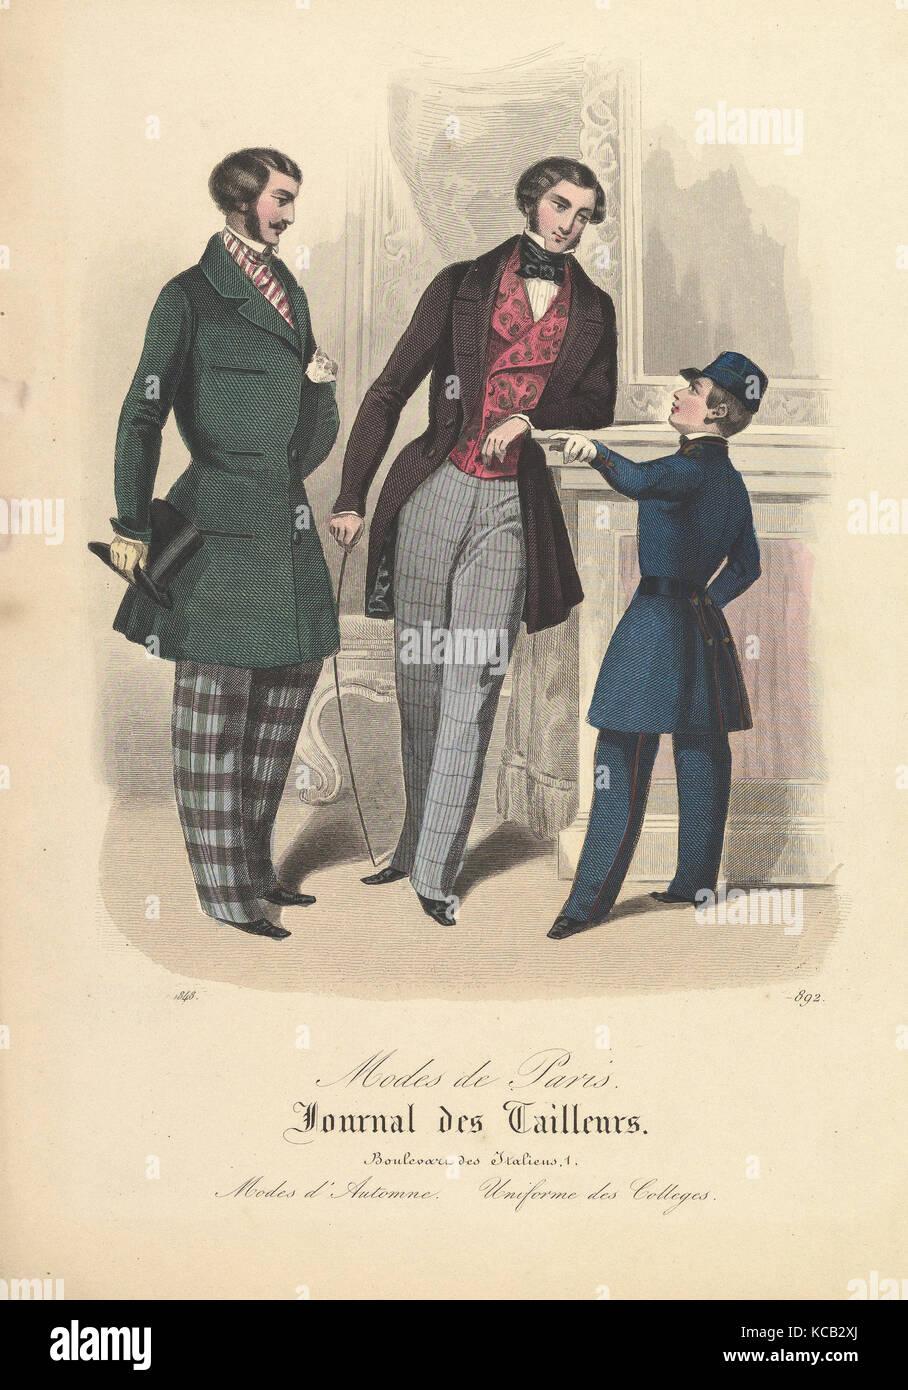 892 à partir de modes de Paris, Journal des tailleurs, anonyme, le français, 19e siècle, 1848 Photo Stock